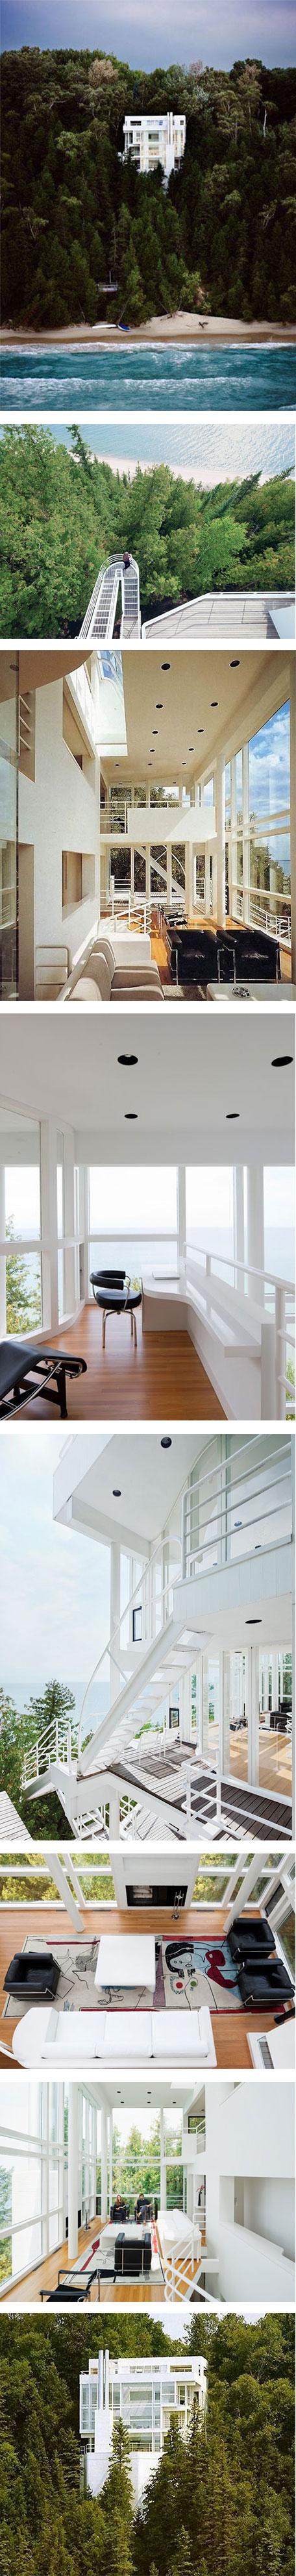 A floating house? via Nuji.com